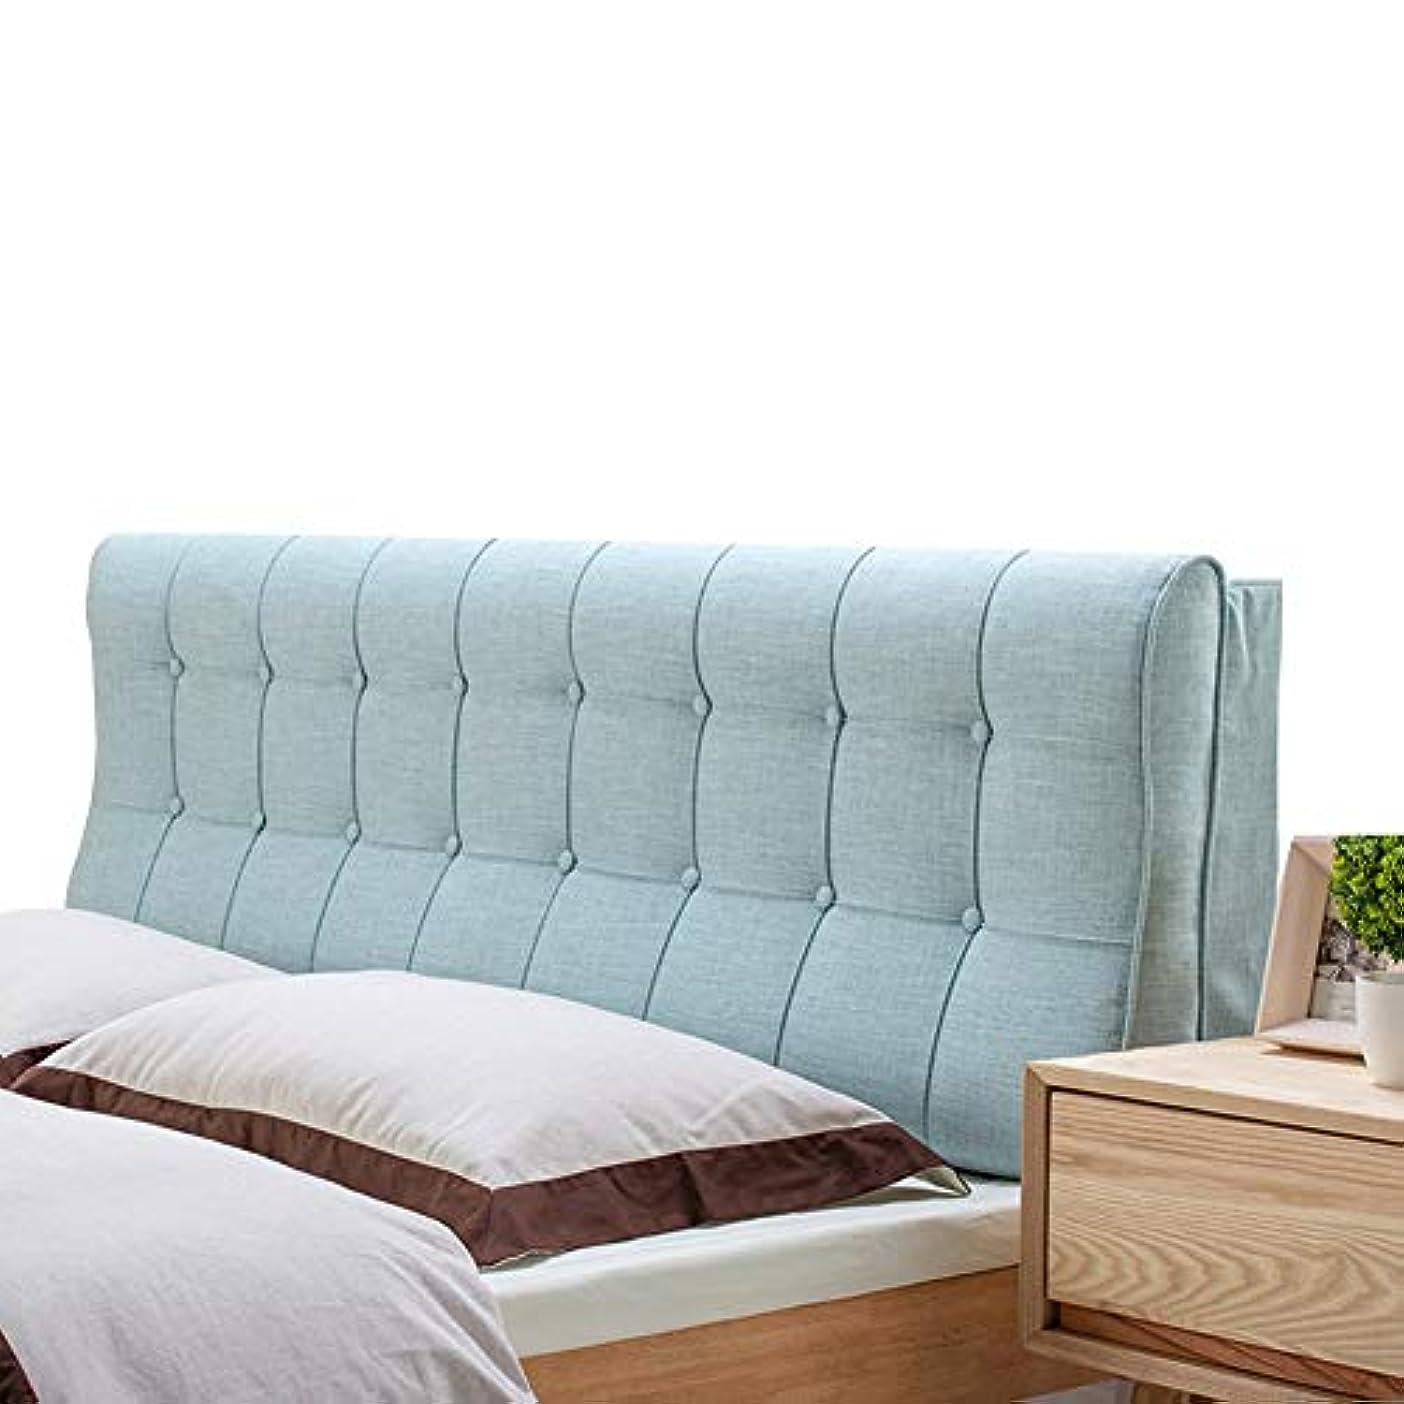 森林本当にバックLIANGLIANG クションベッドの背もたれ腰椎枕 背もたれ読み取りウエストパッド ダブルエクストララージ 湾曲デザイン リネン 洗える スポンジ充填 5色 (色 : 青, サイズ さいず : 180X12X58CM)